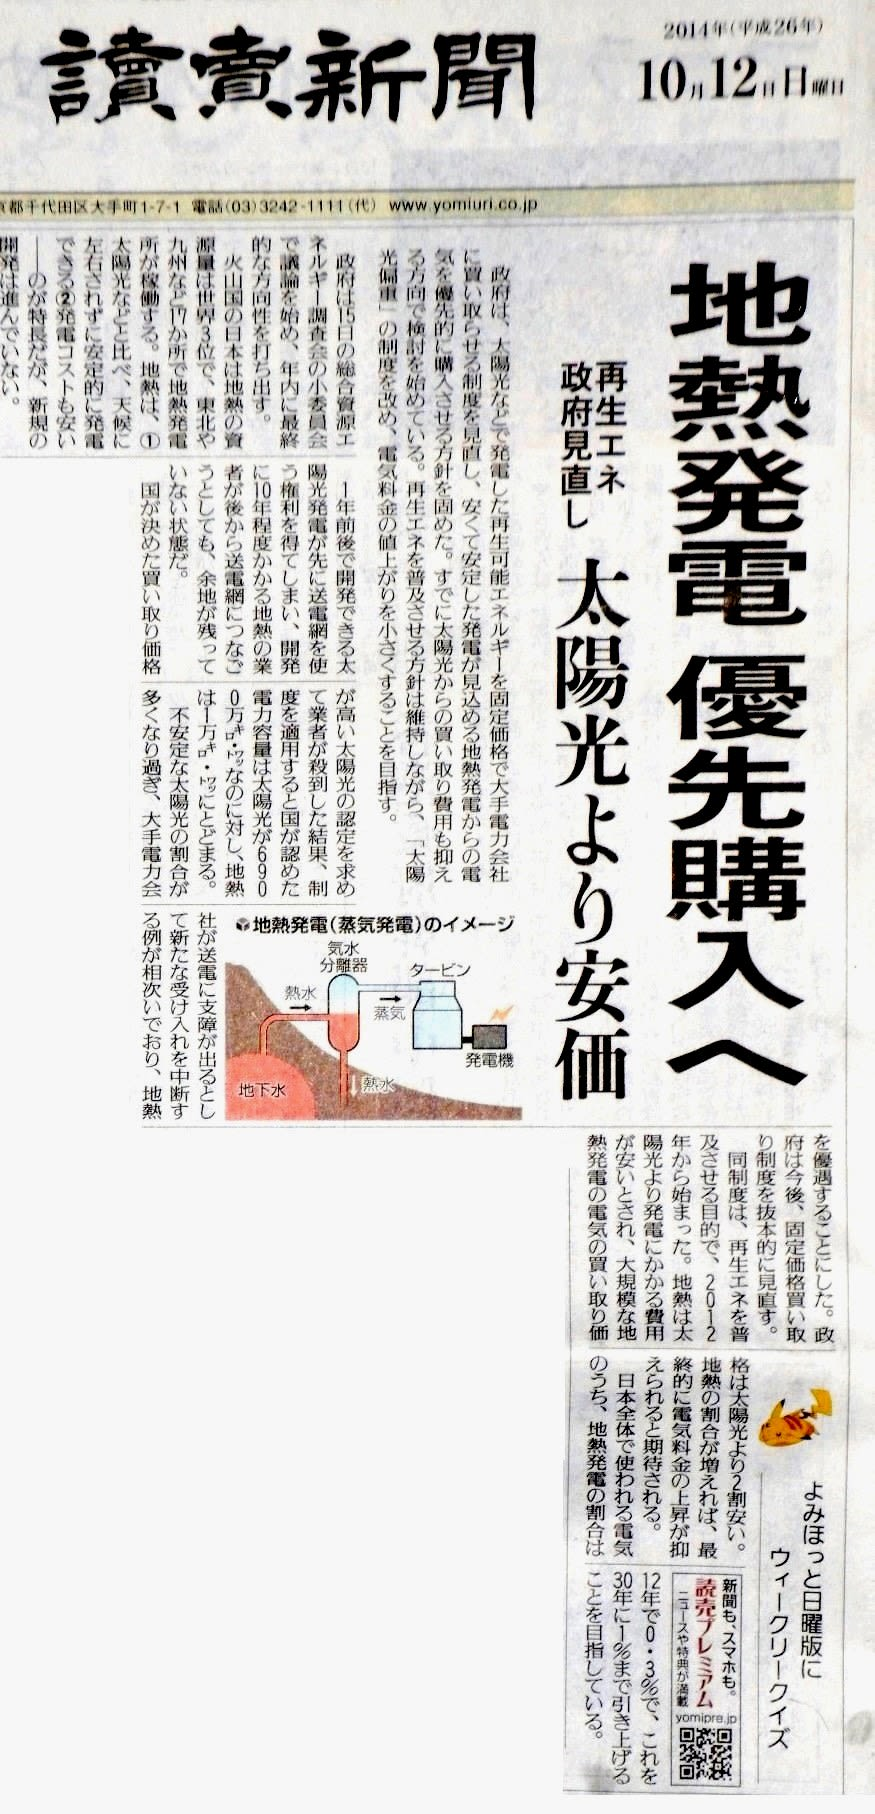 地熱発電優先購入へ【読売記事】